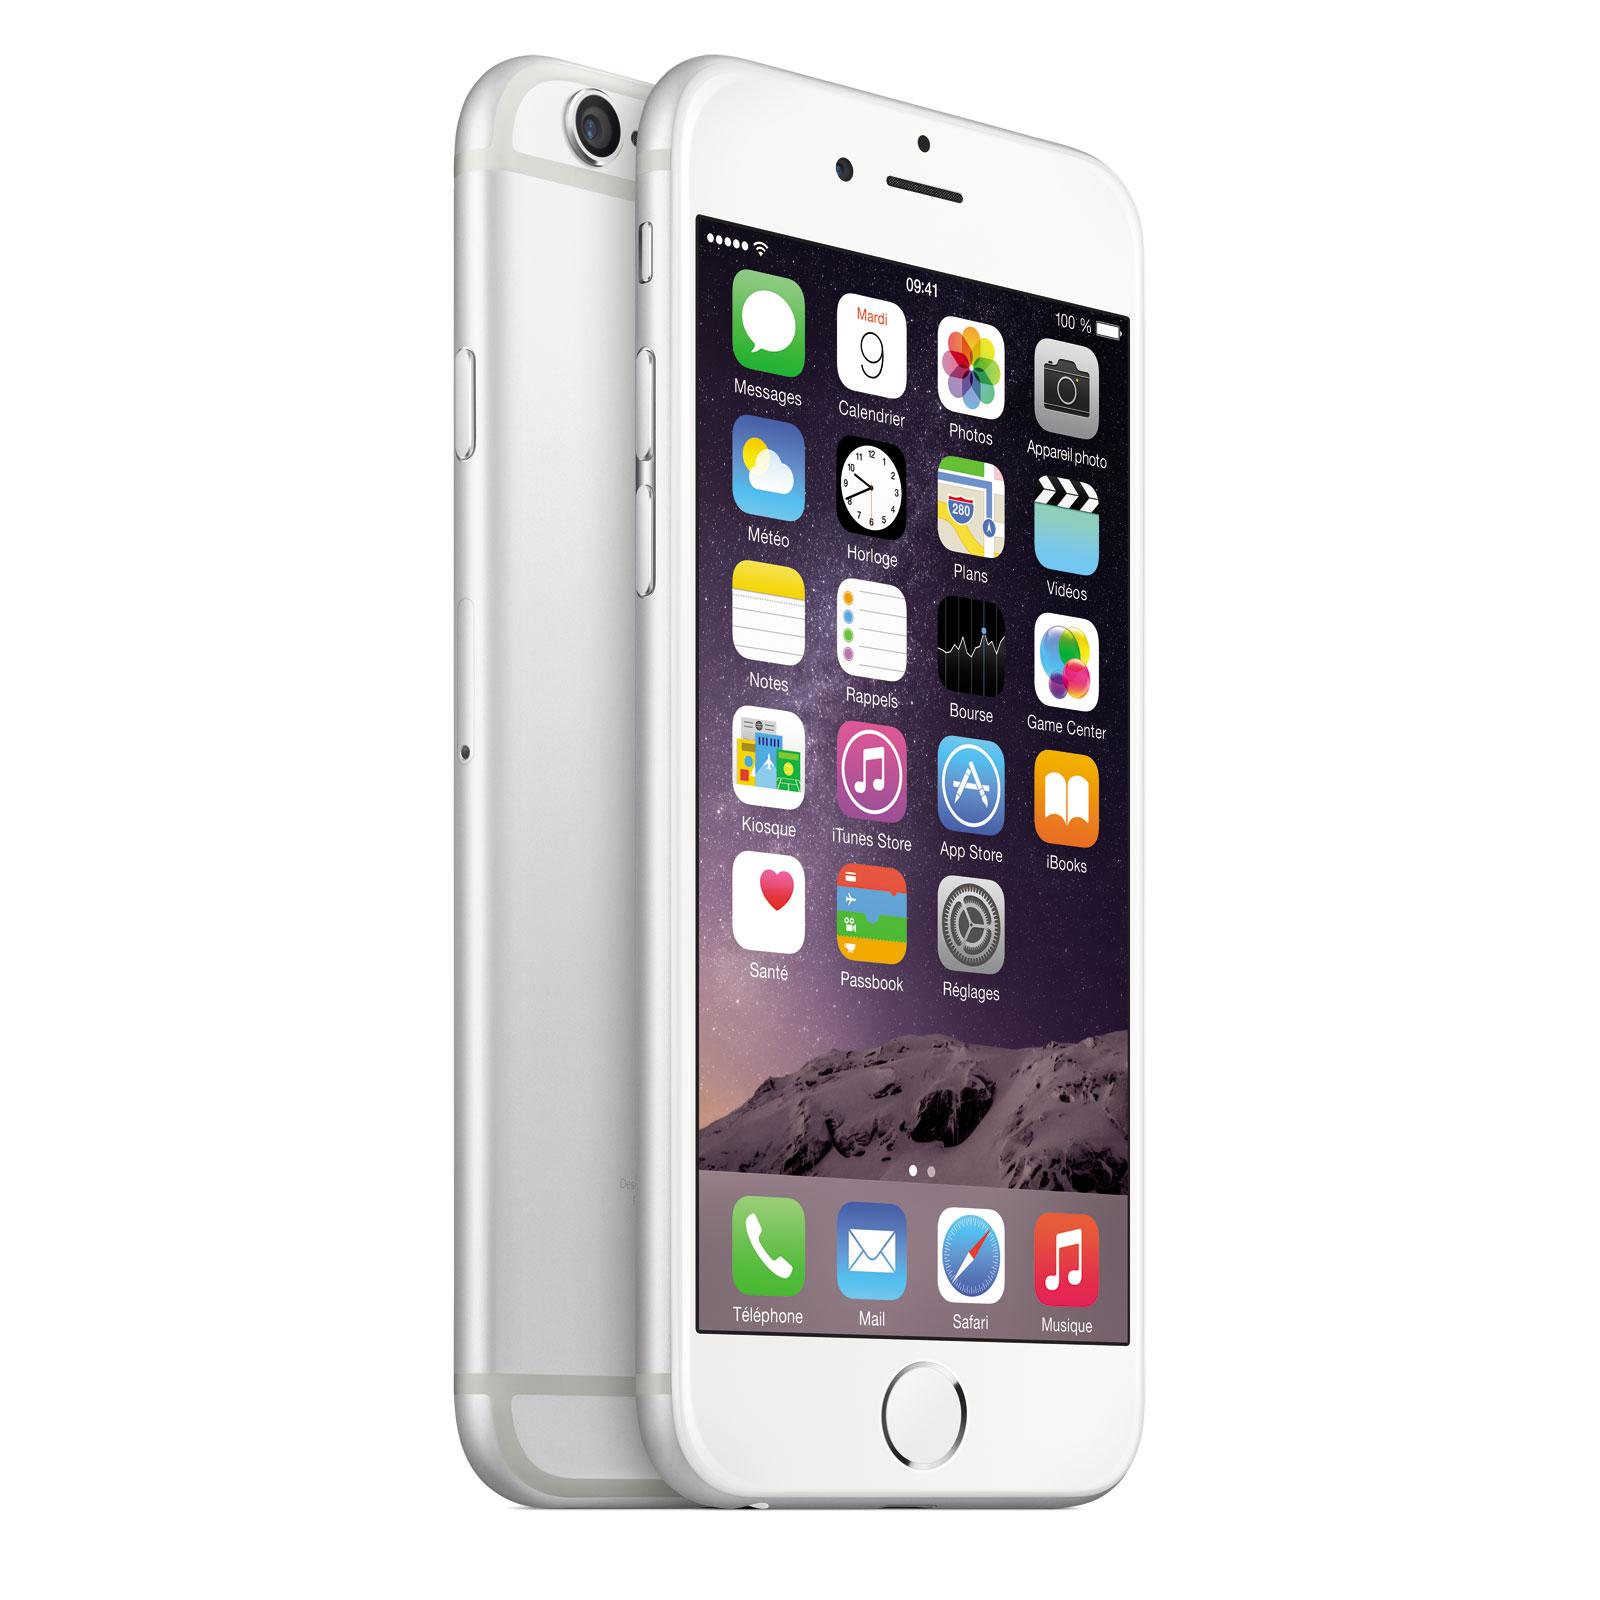 apple iphone 6 64 go argent mobile smartphone apple sur ldlc. Black Bedroom Furniture Sets. Home Design Ideas